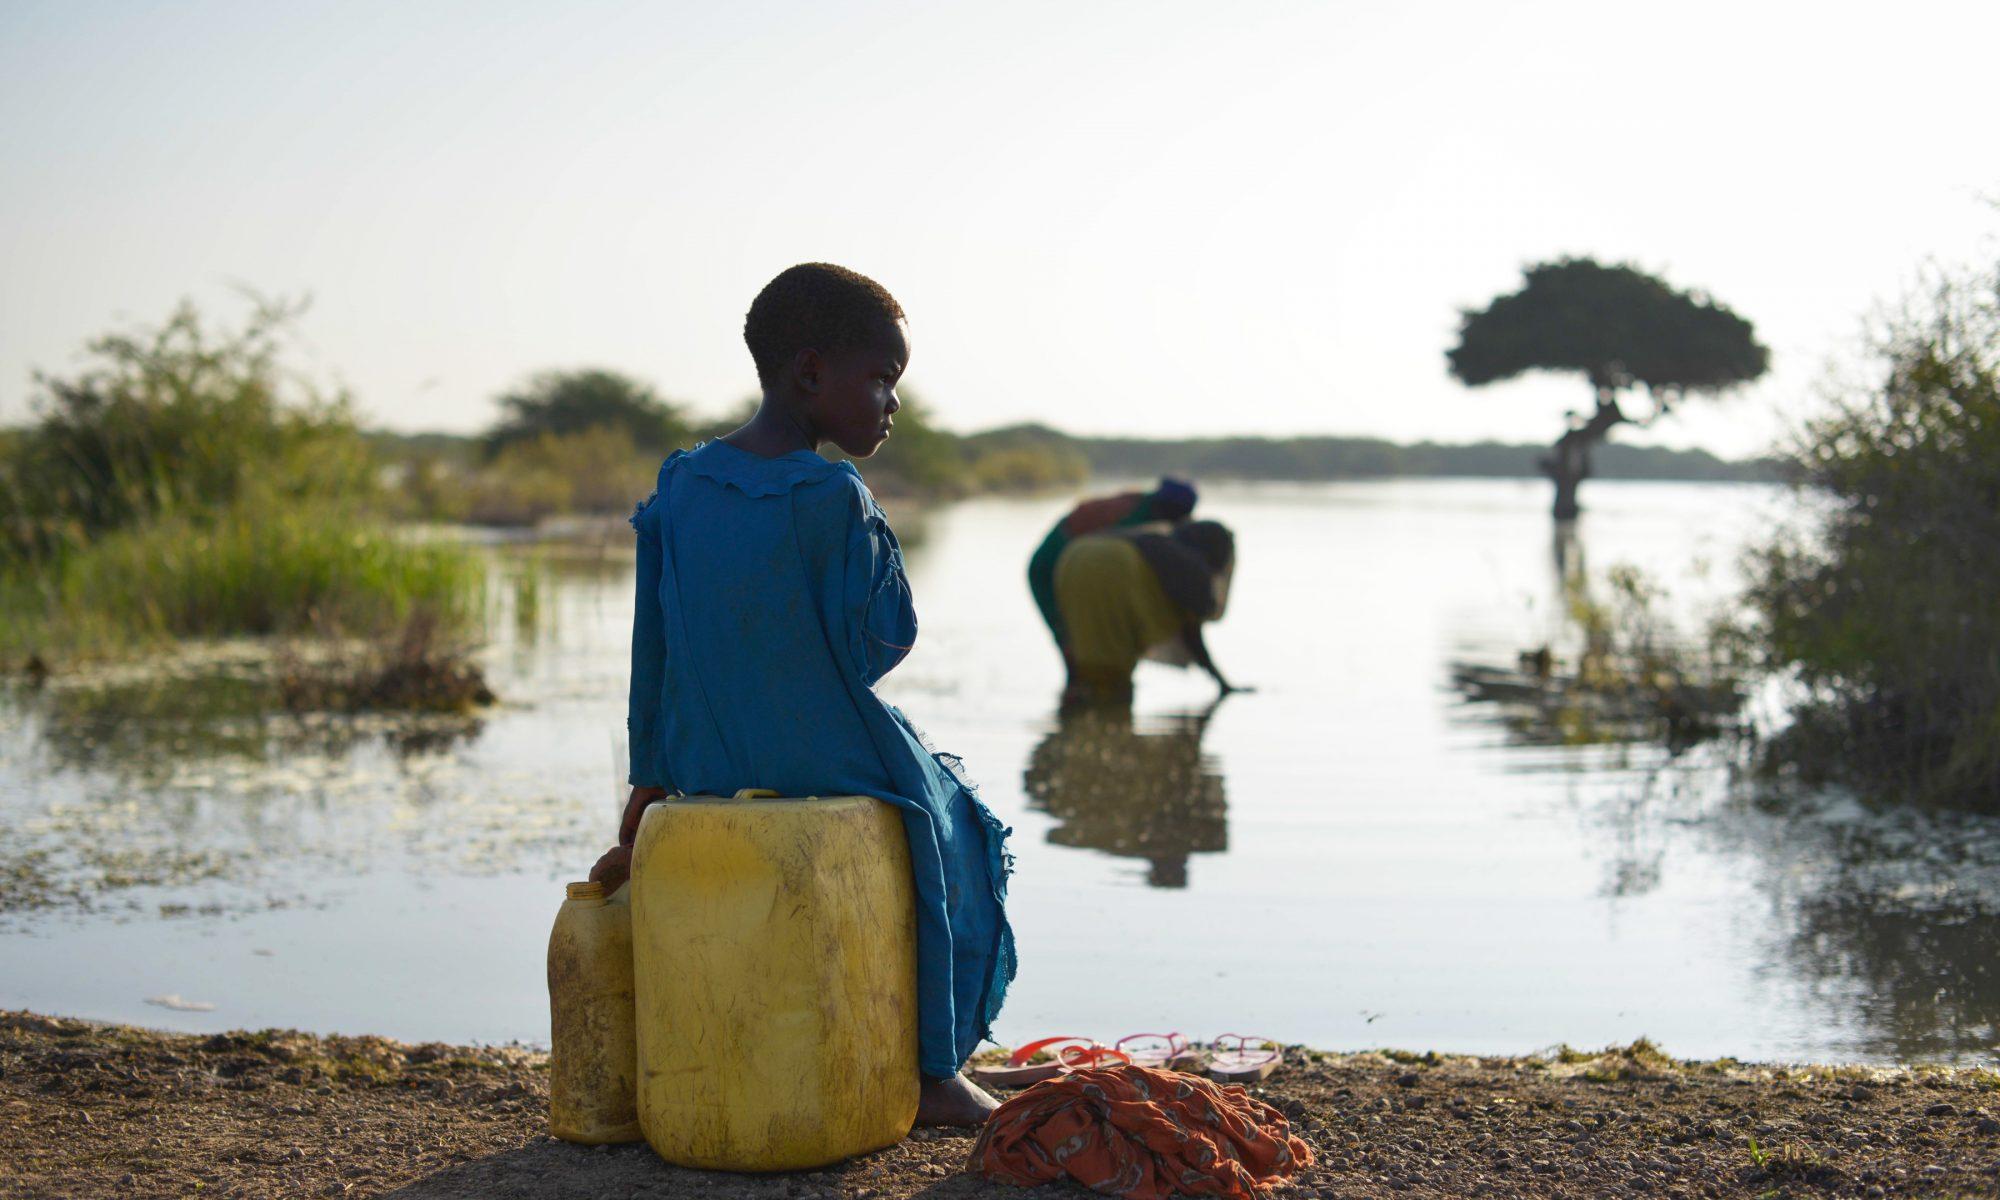 juventud-somalia-africa